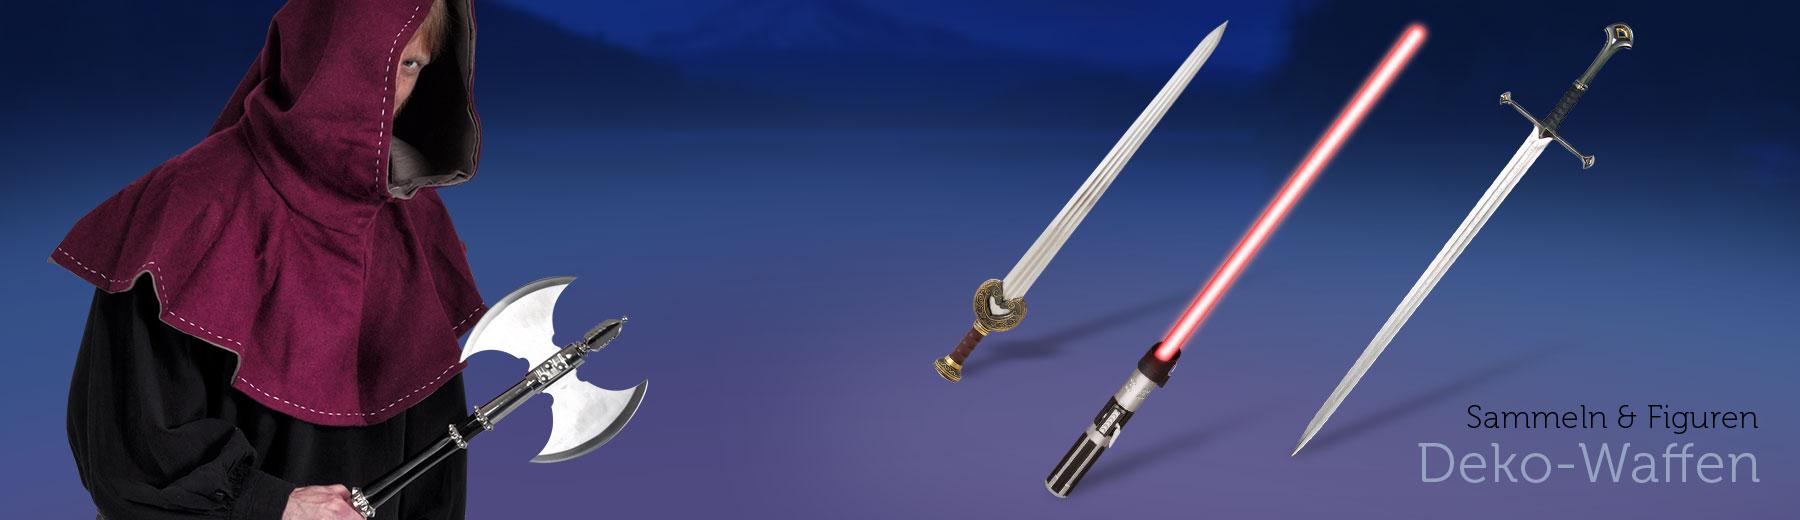 Dekoschwerter & -Waffen